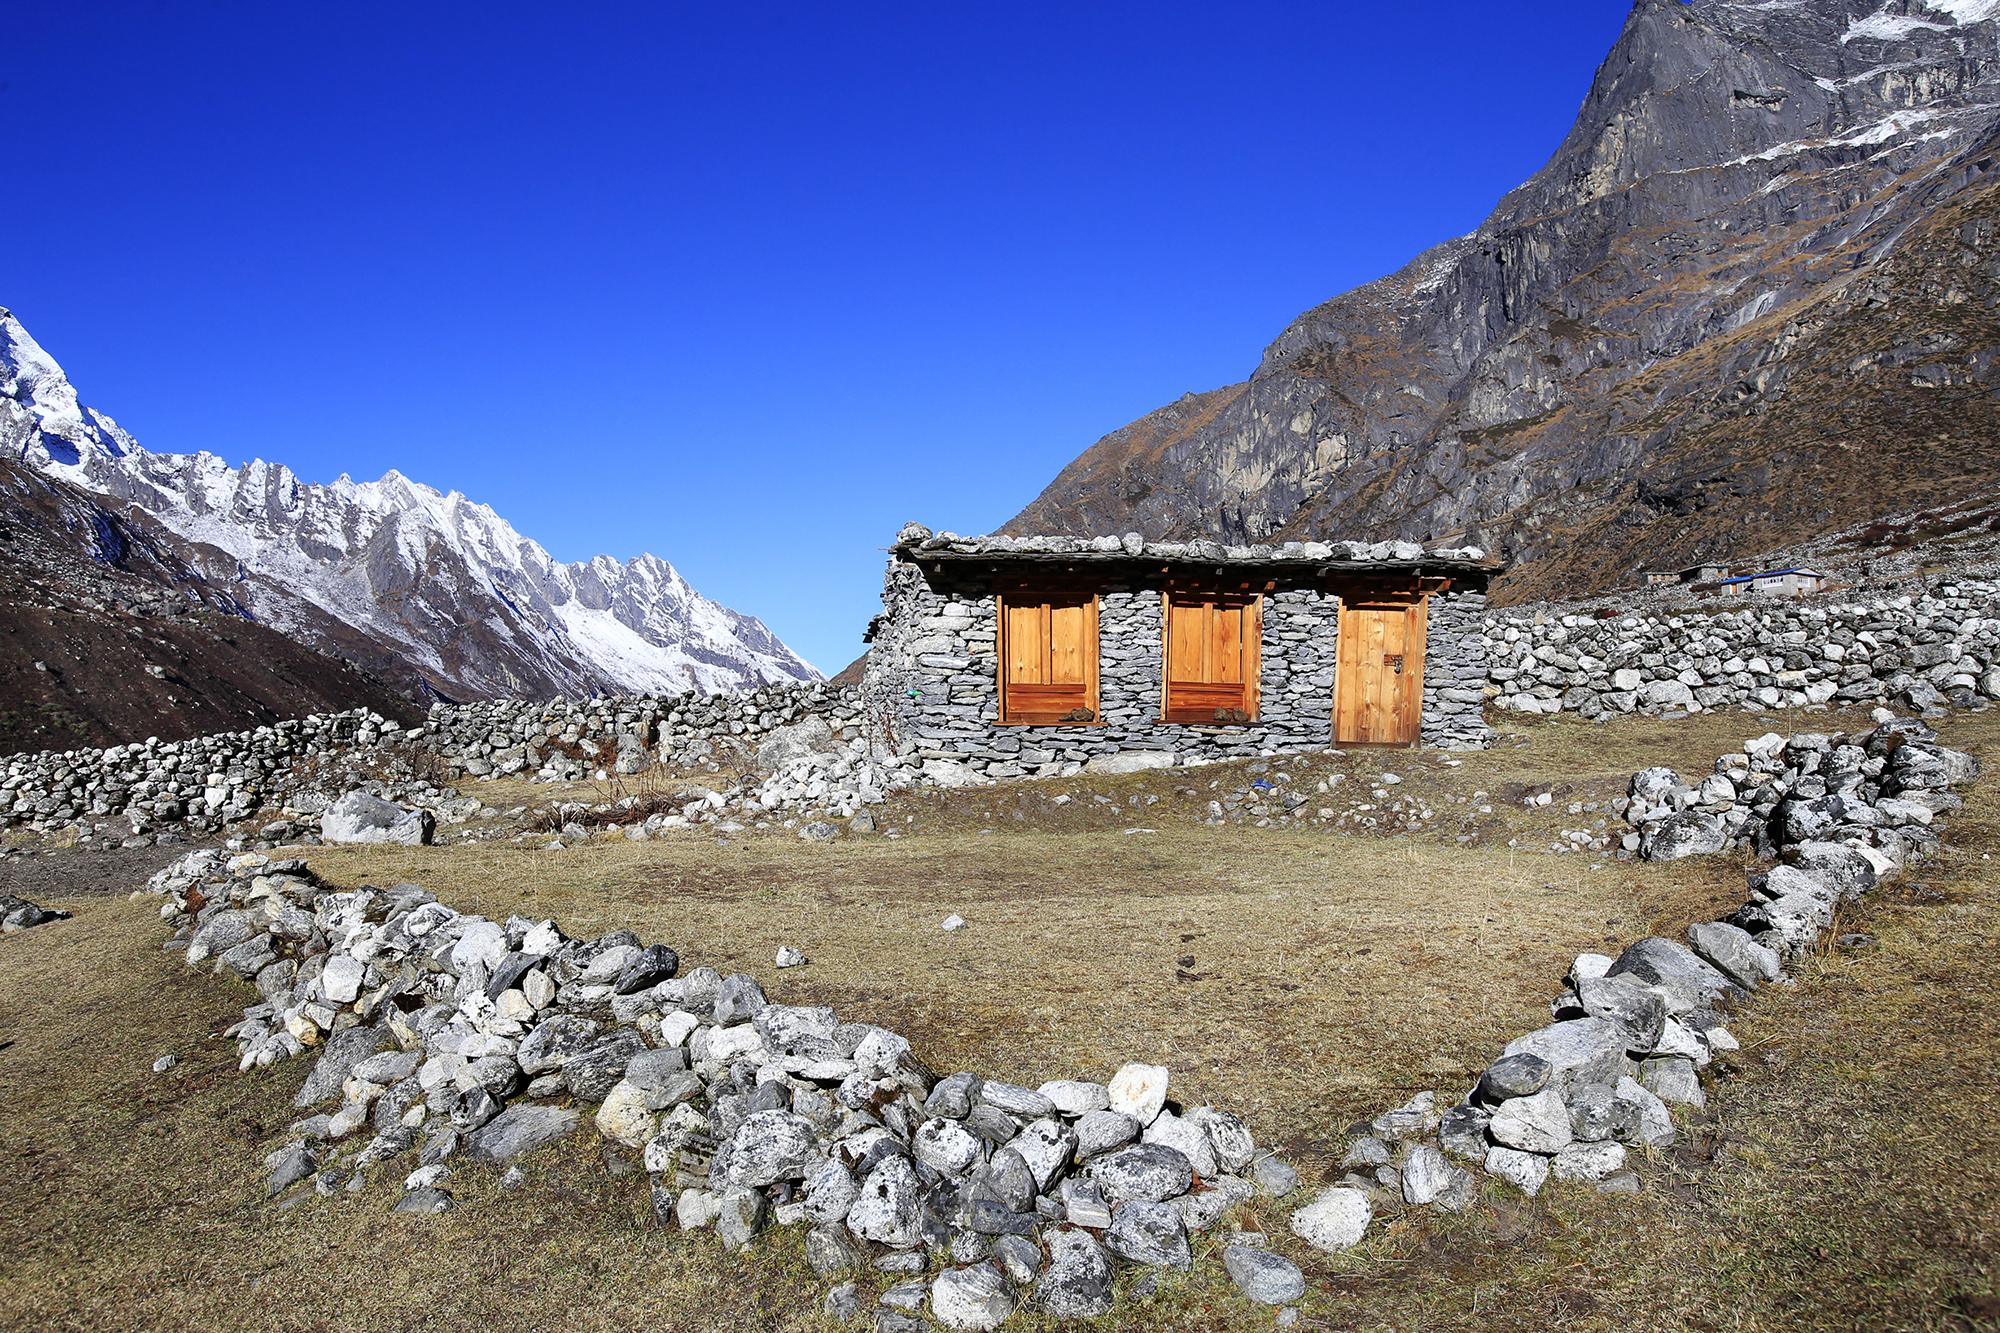 Reportage | Losan Piatti - Fotografo Italia_Nepal 2015_Mount Everest School_Casa Ricostruita